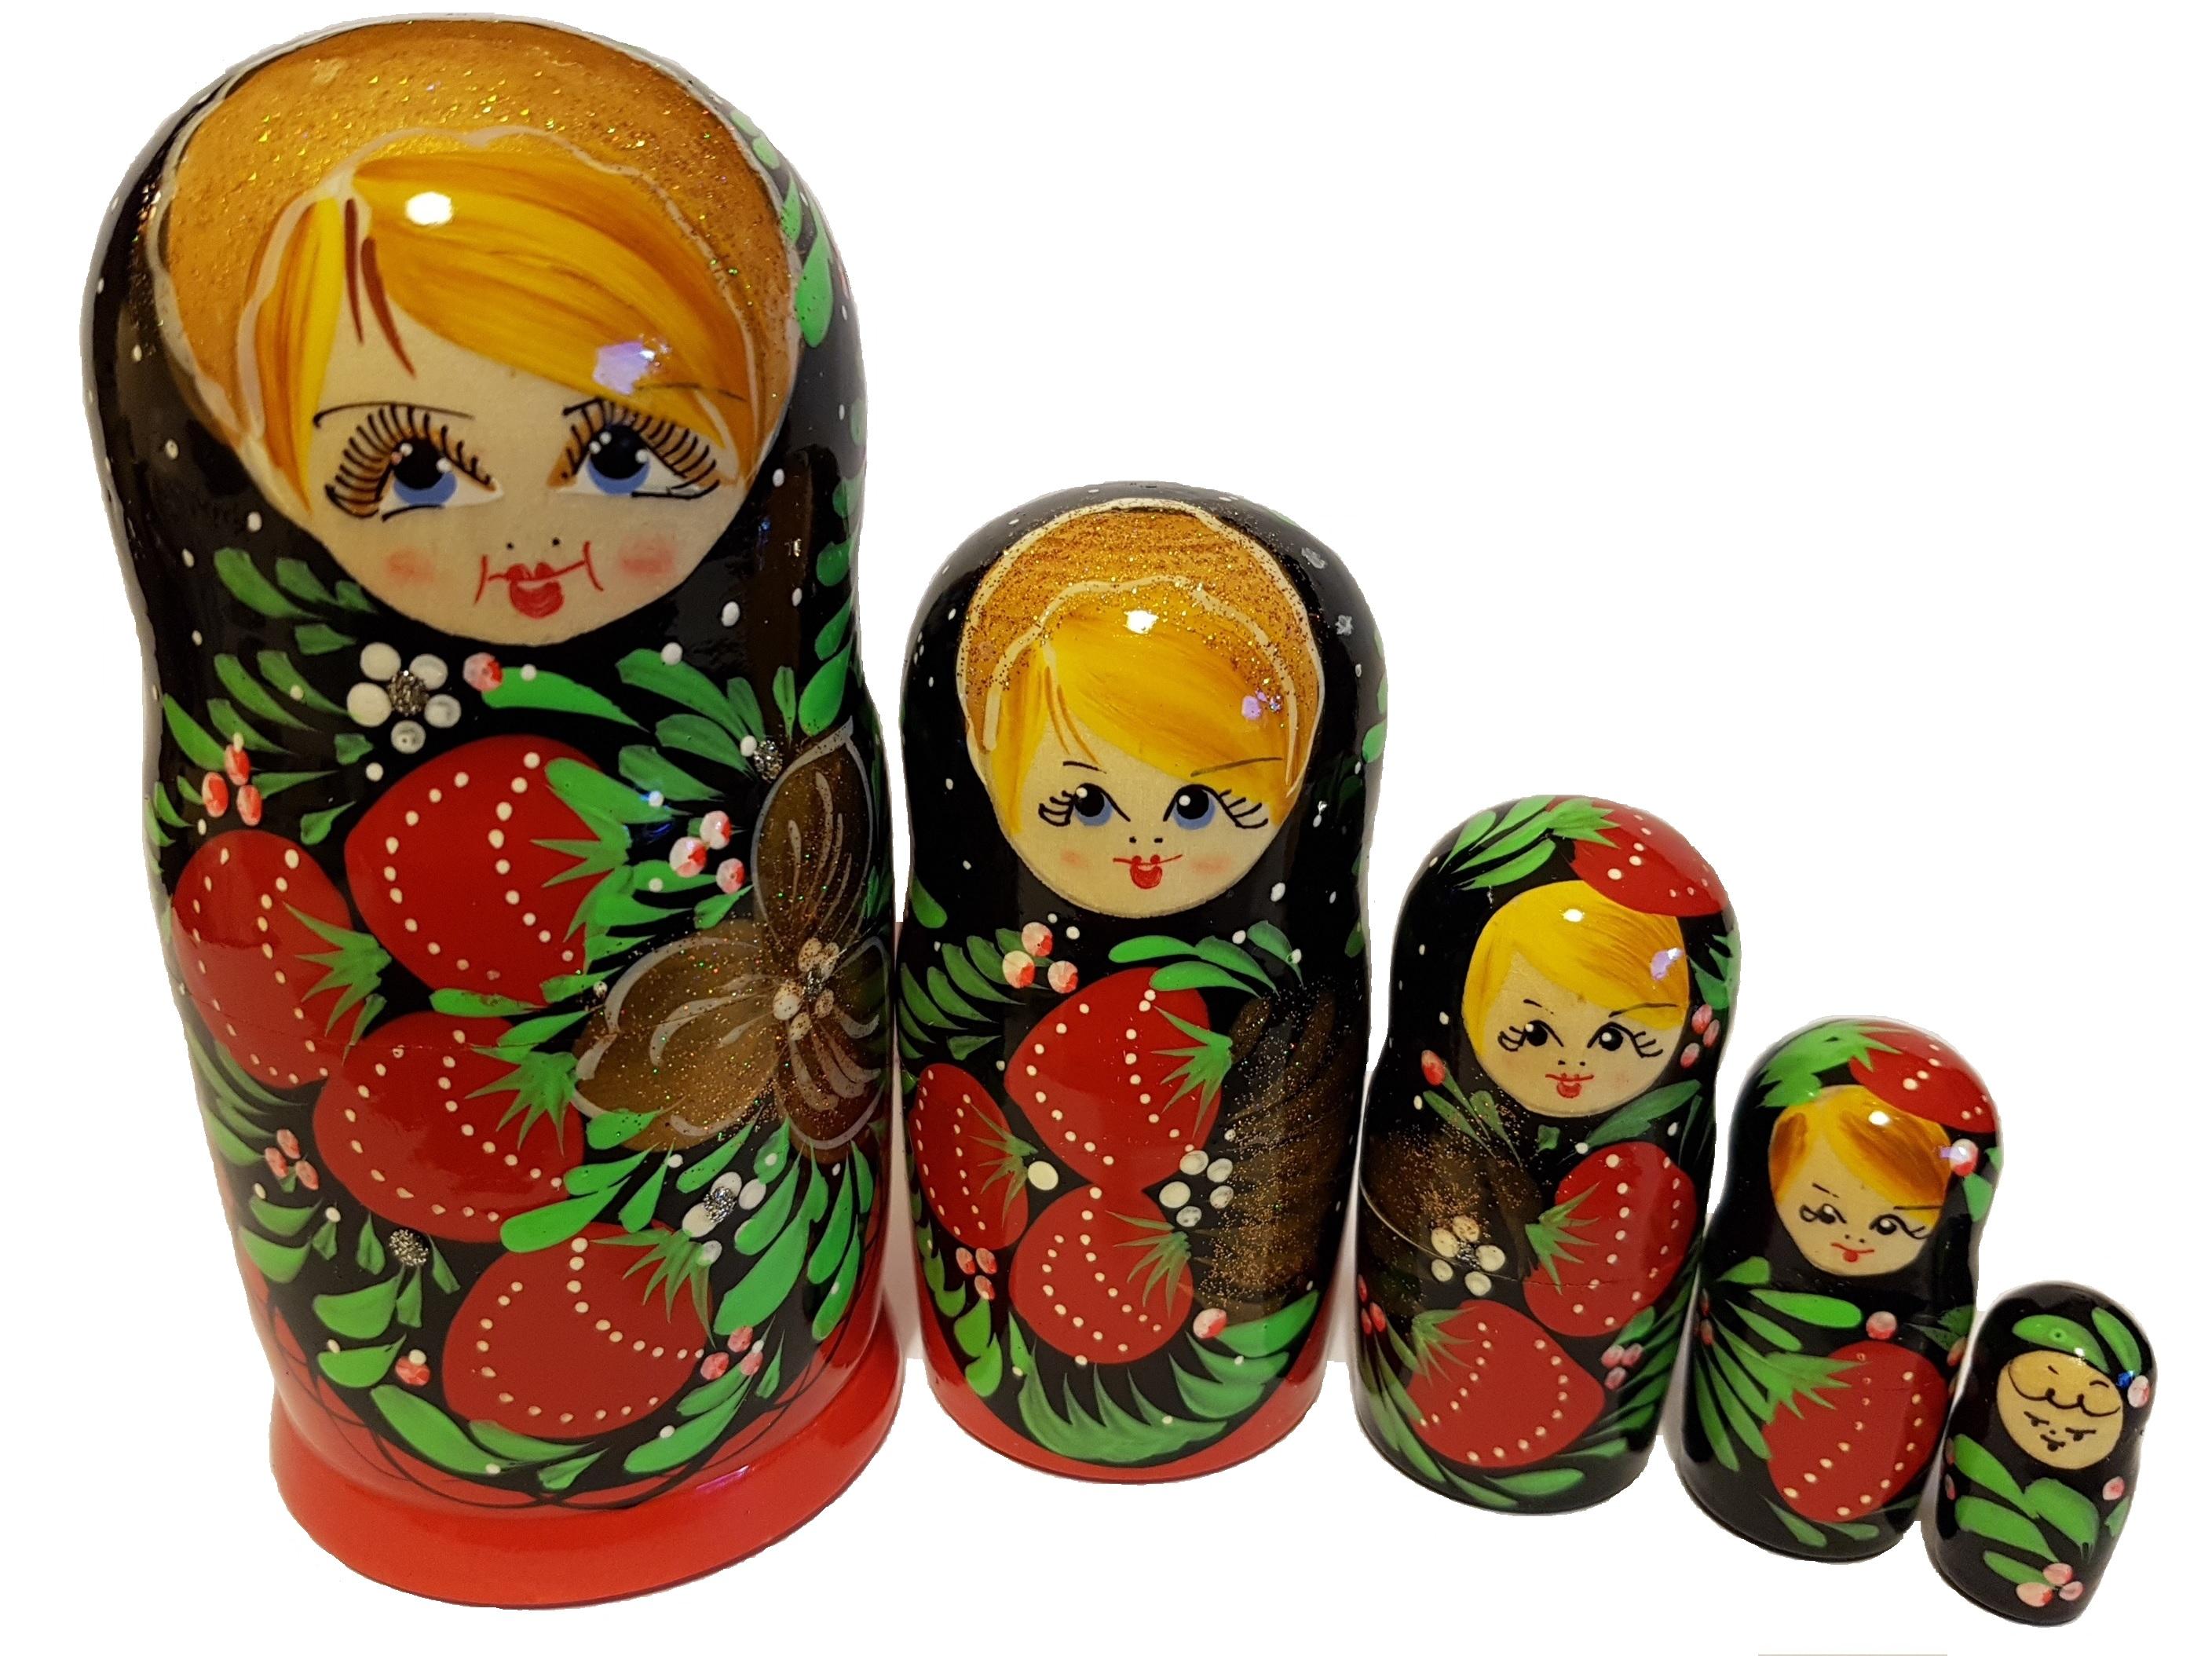 S. 21 - Матрешка 15 см 5 кукол